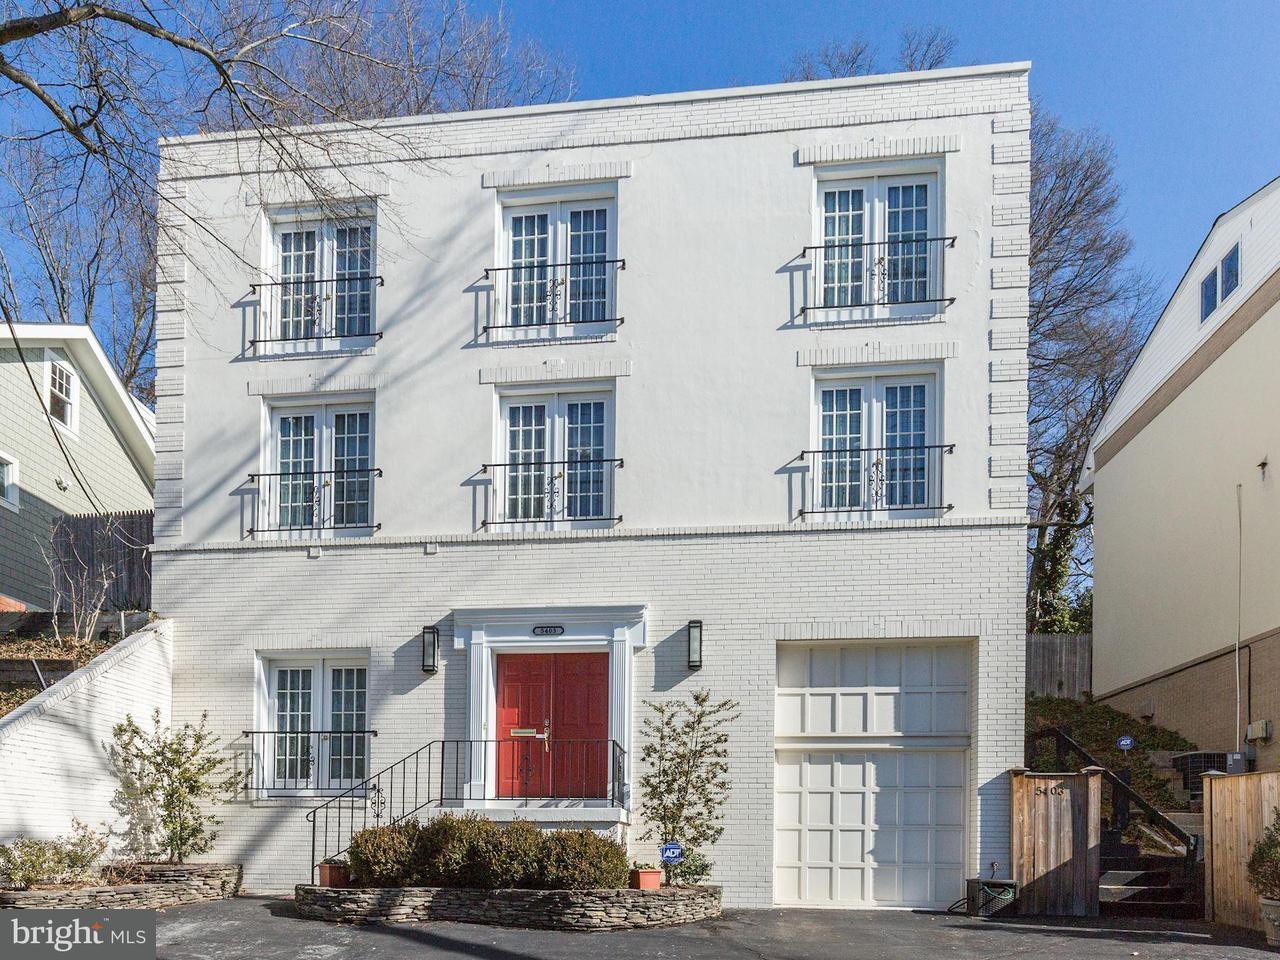 Μονοκατοικία για την Πώληση στο 5403 Macarthur Blvd Nw 5403 Macarthur Blvd Nw Washington, Περιφερεια Τησ Κολουμπια 20016 Ηνωμενεσ Πολιτειεσ